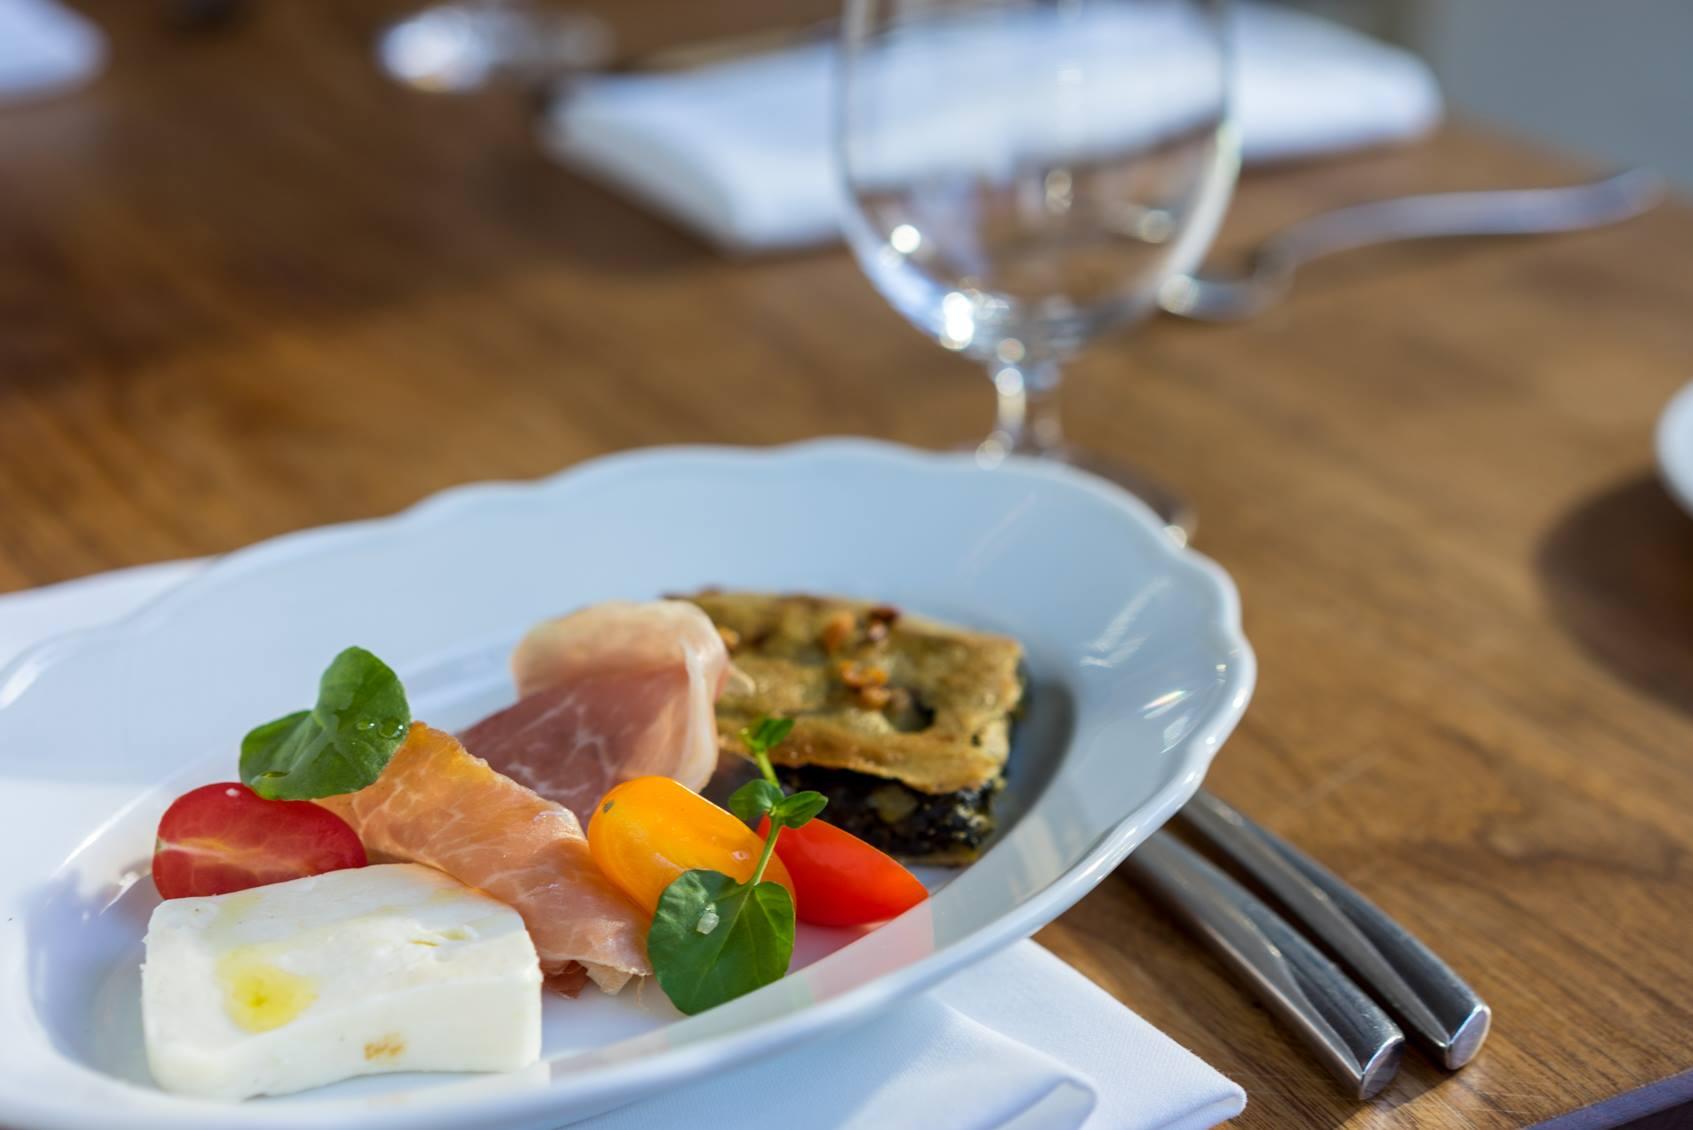 Giro d'Italia italian restaurant week